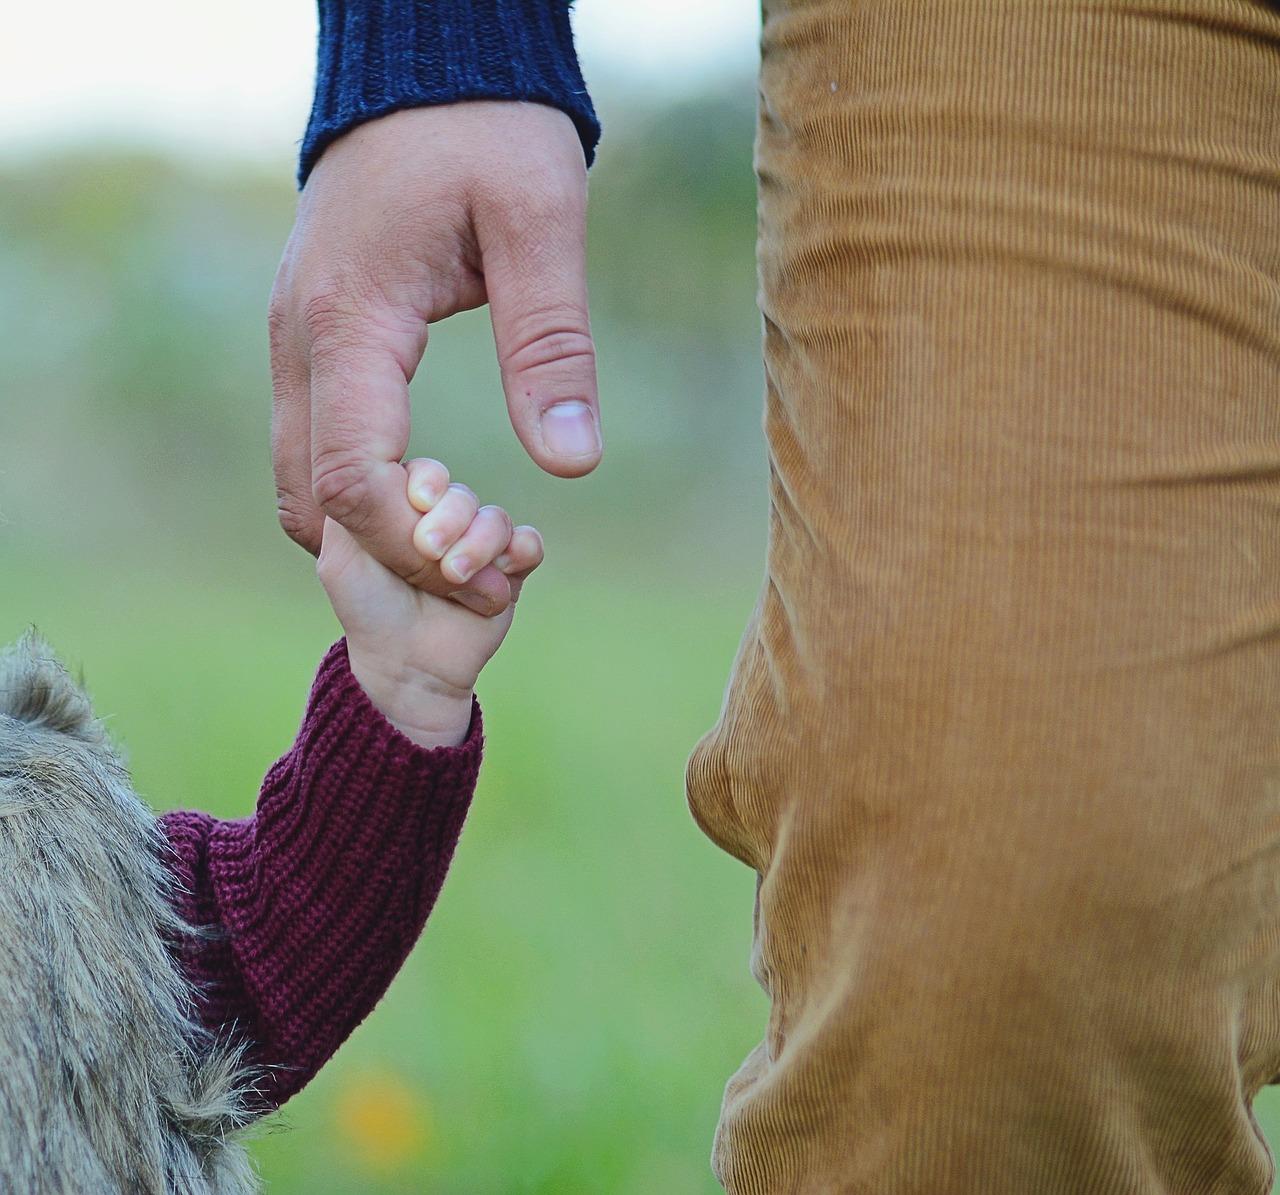 Без отца в детстве — проблемы с мужем или женой в будущем